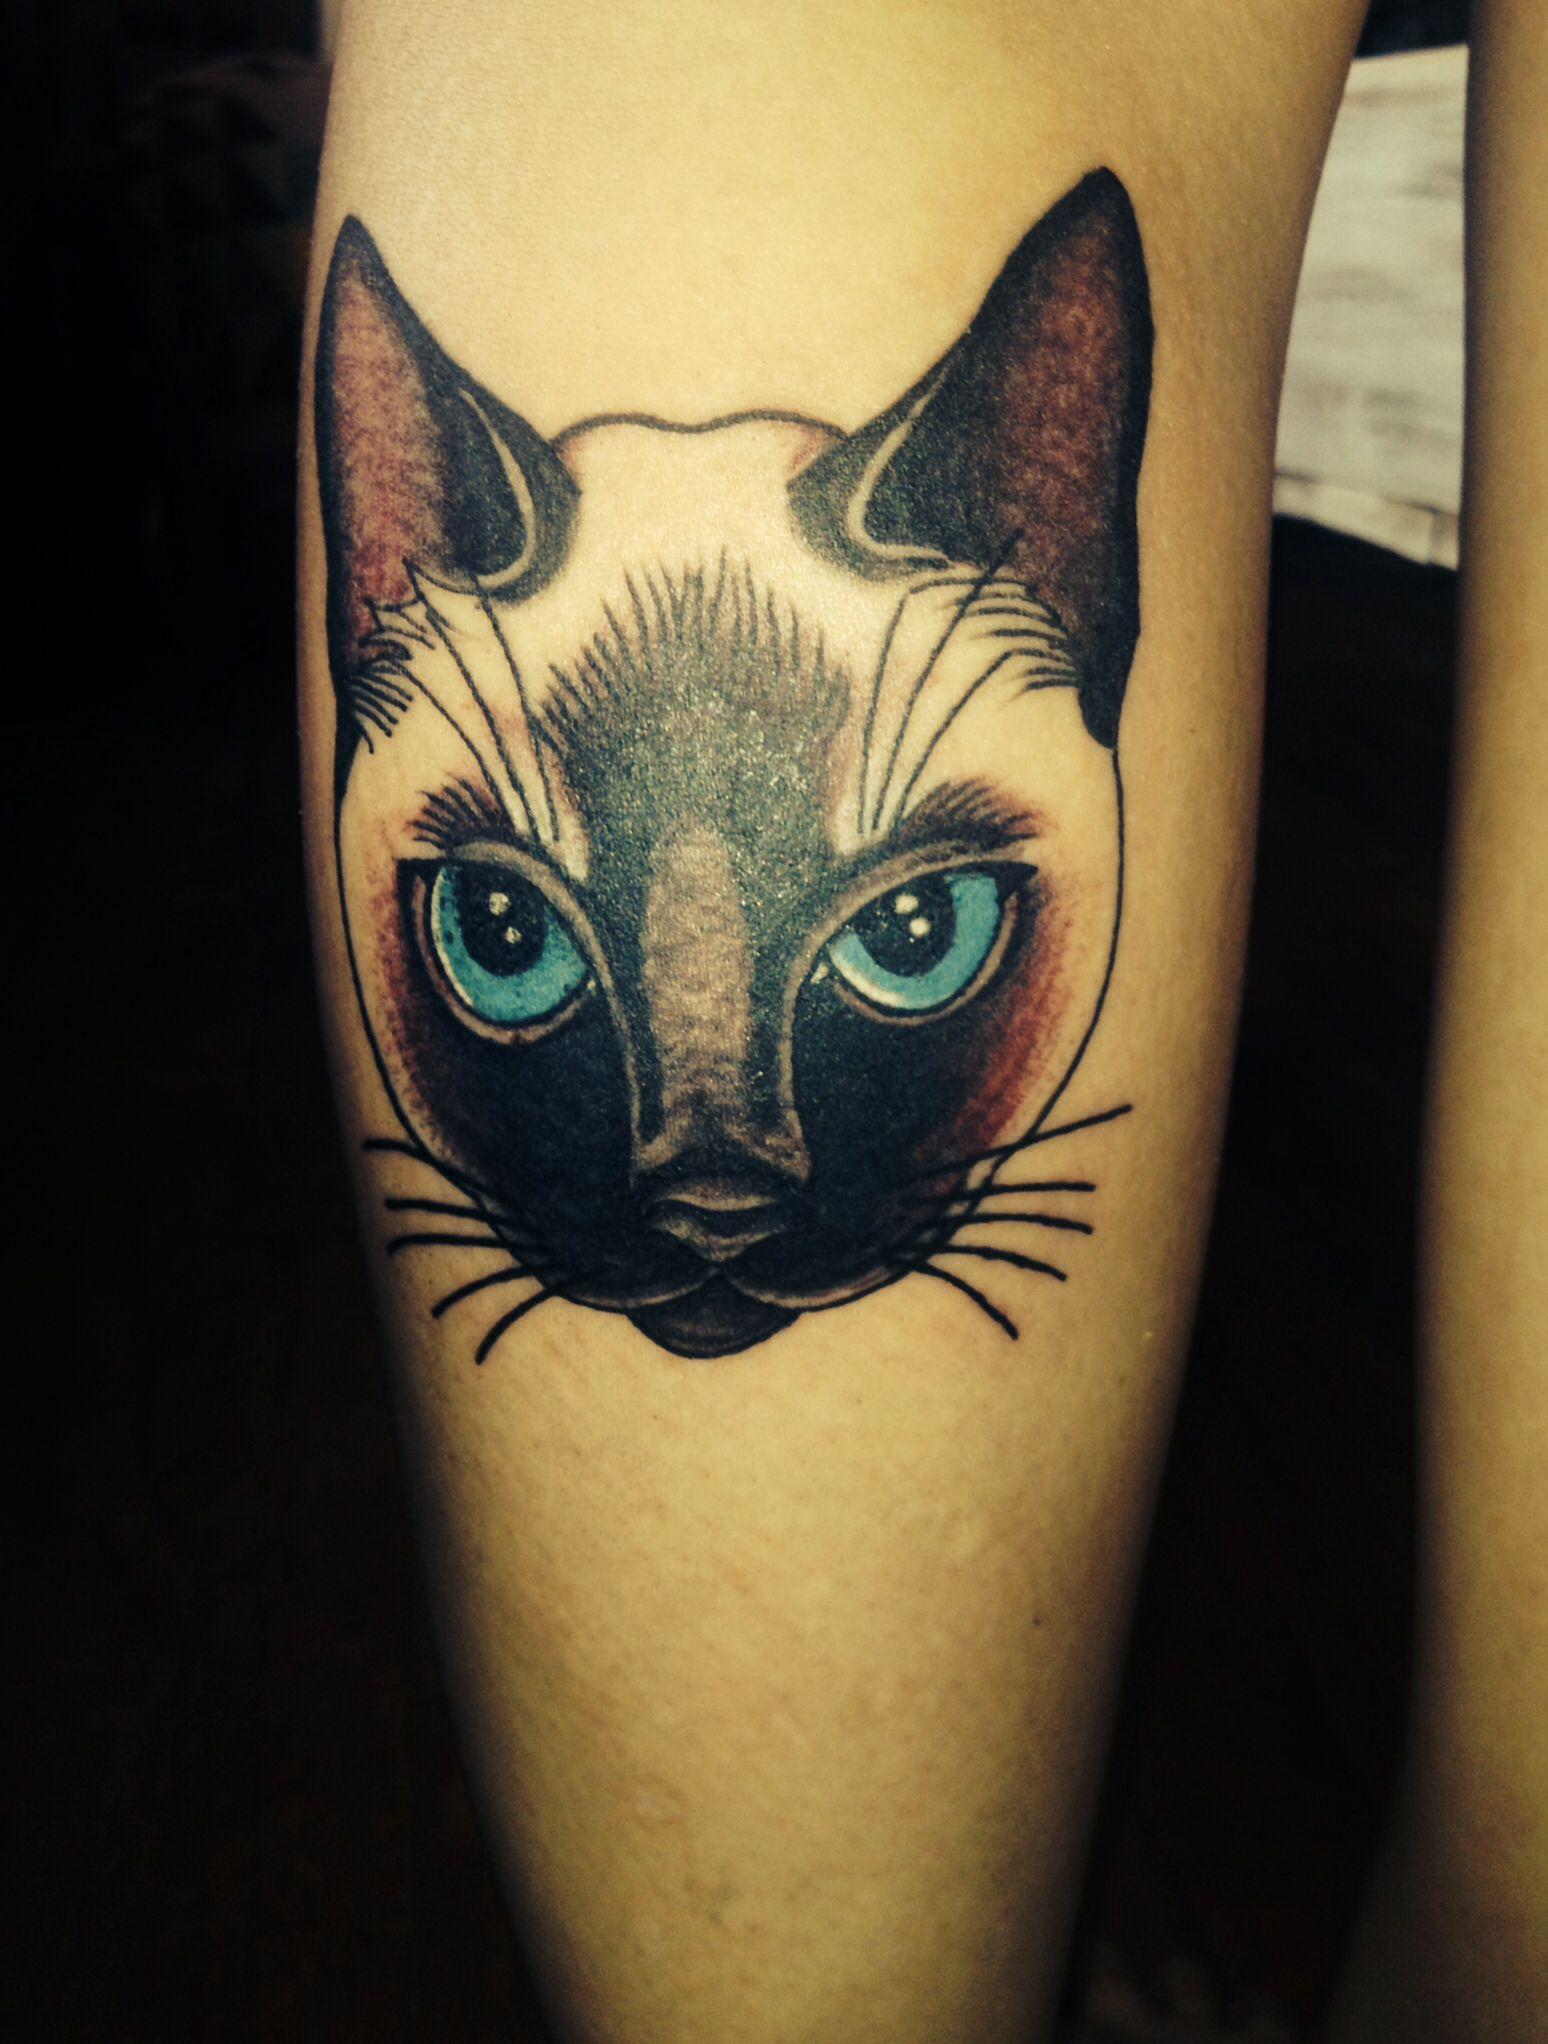 siamese cat tattoo cat siamese cat tattoo cat tattoo tattoos rh pinterest ch siamese cat tattoo small siamese cat tattoo design idea